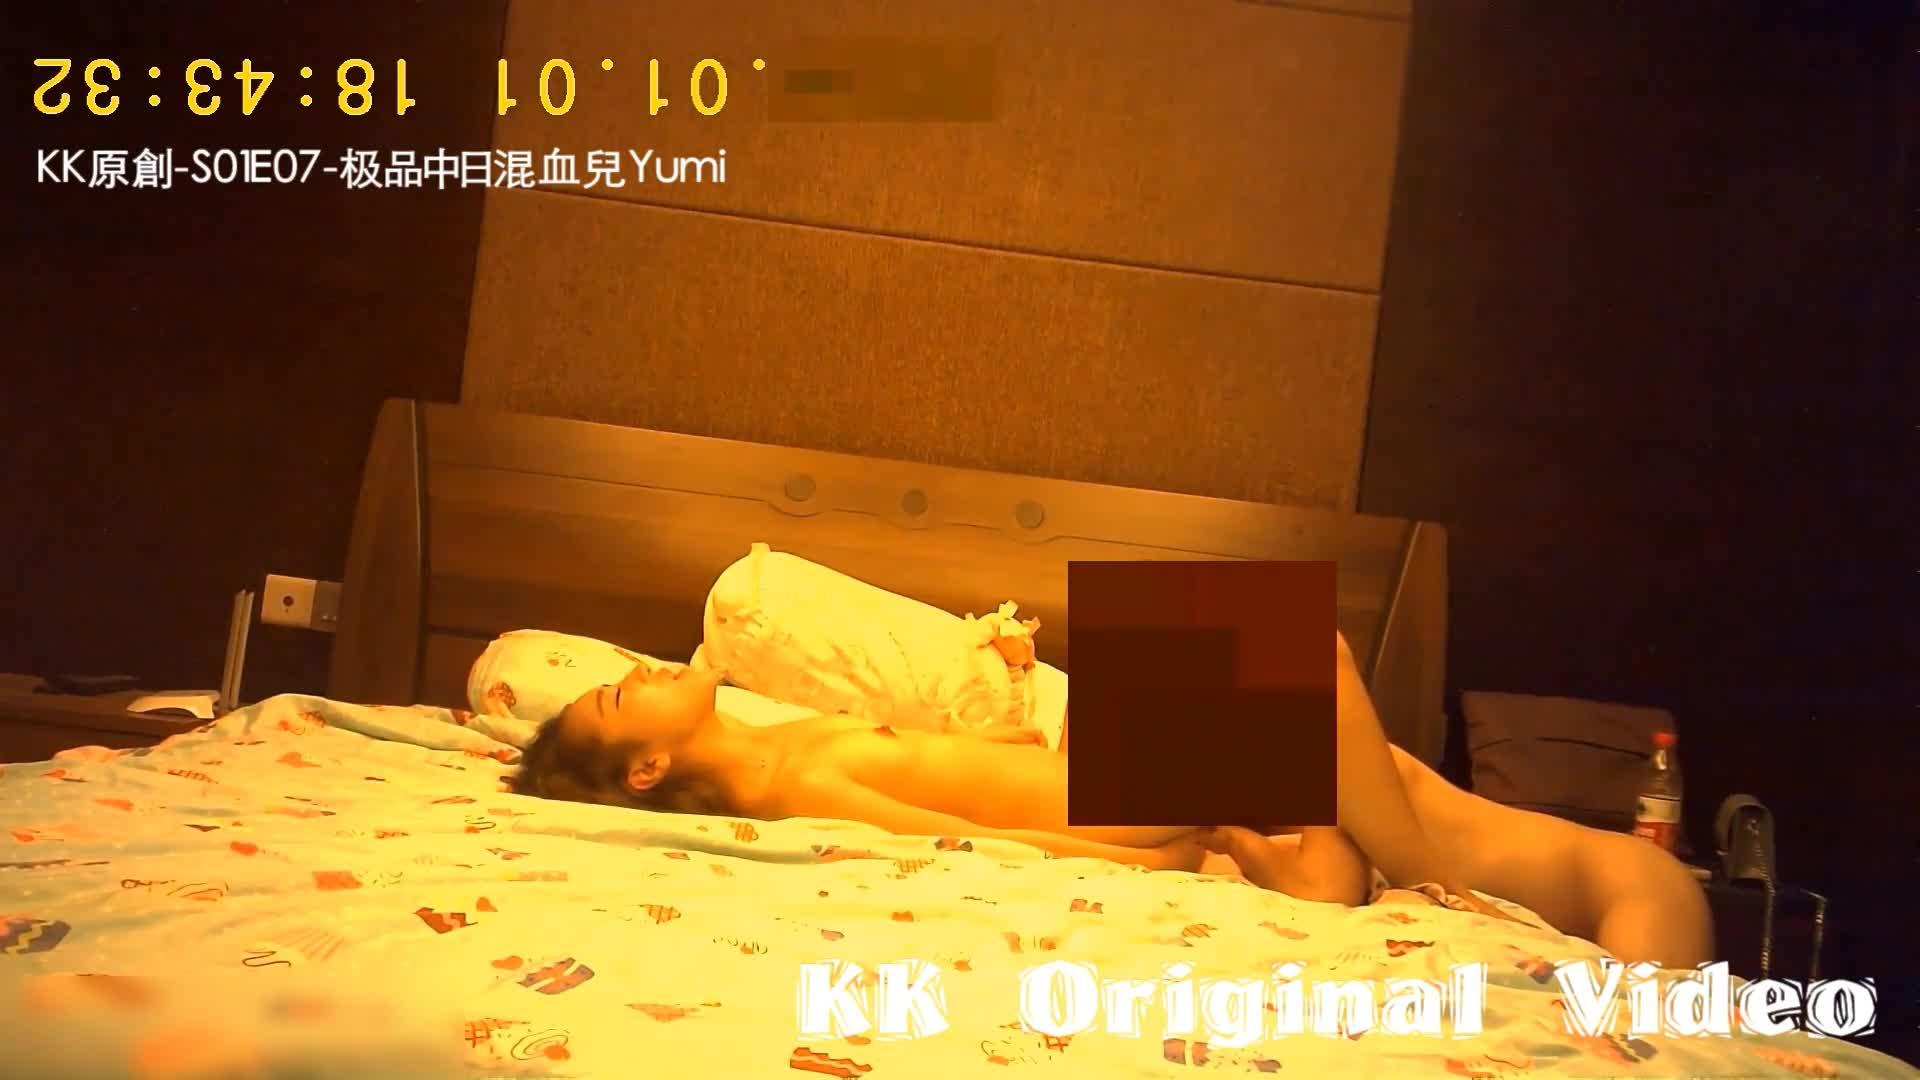 大神KK哥狂草超清纯中日混血儿YUMI 108P高清完整版来袭